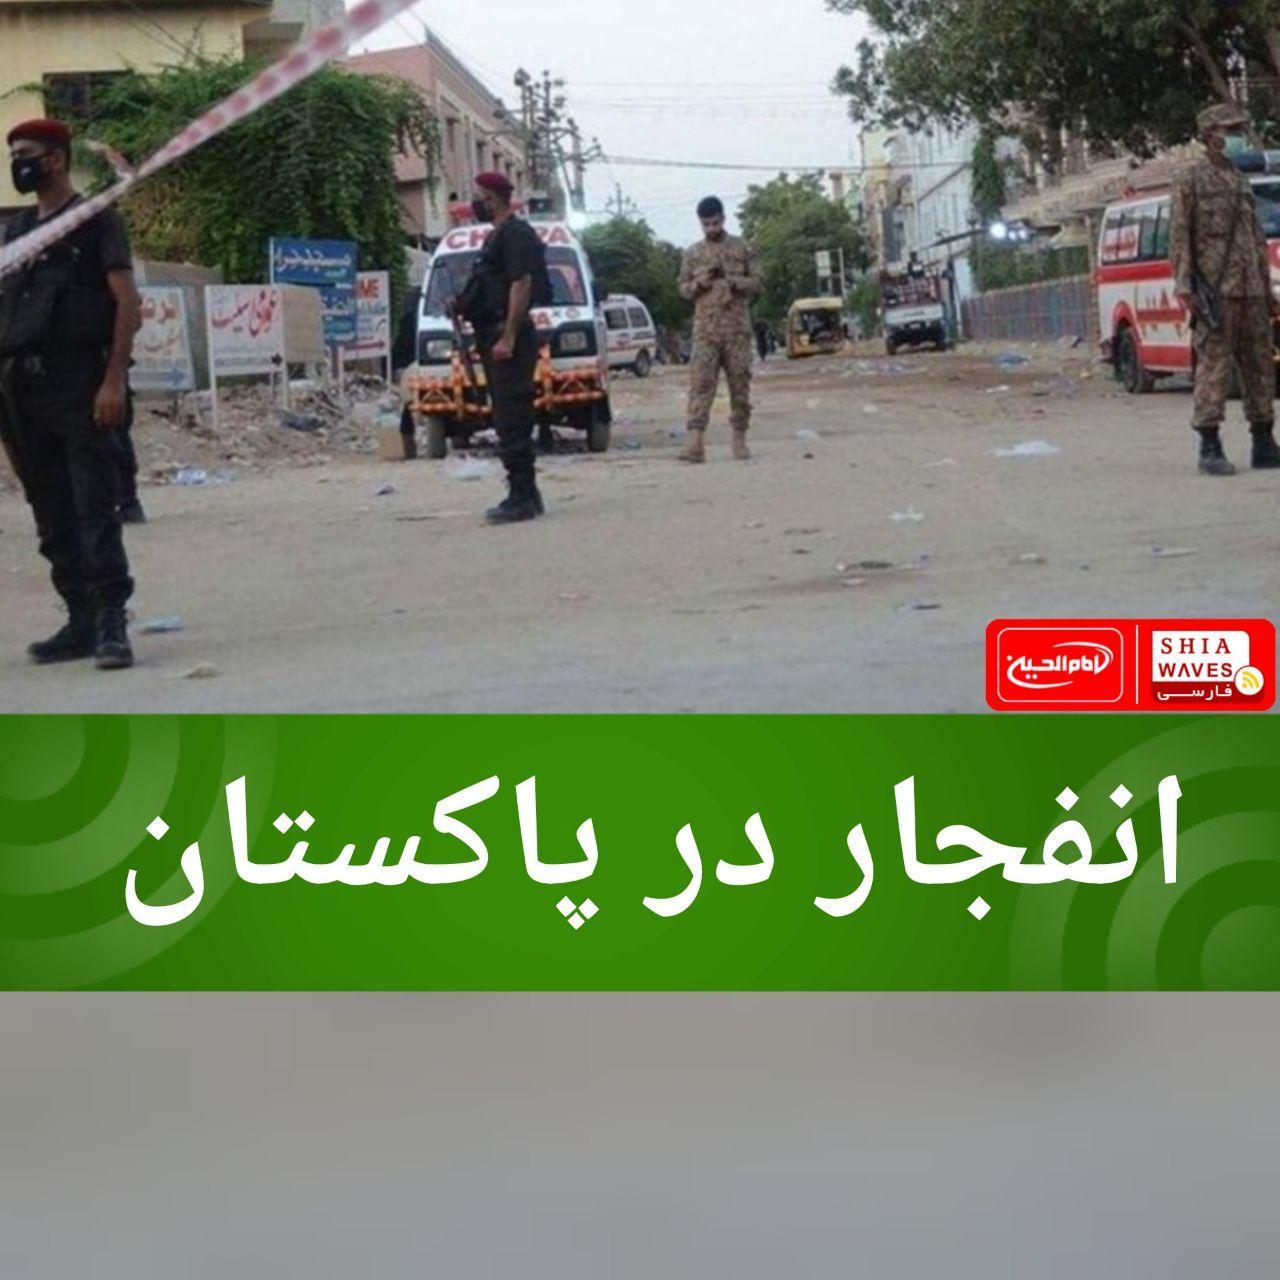 تصویر انفجار در پاکستان